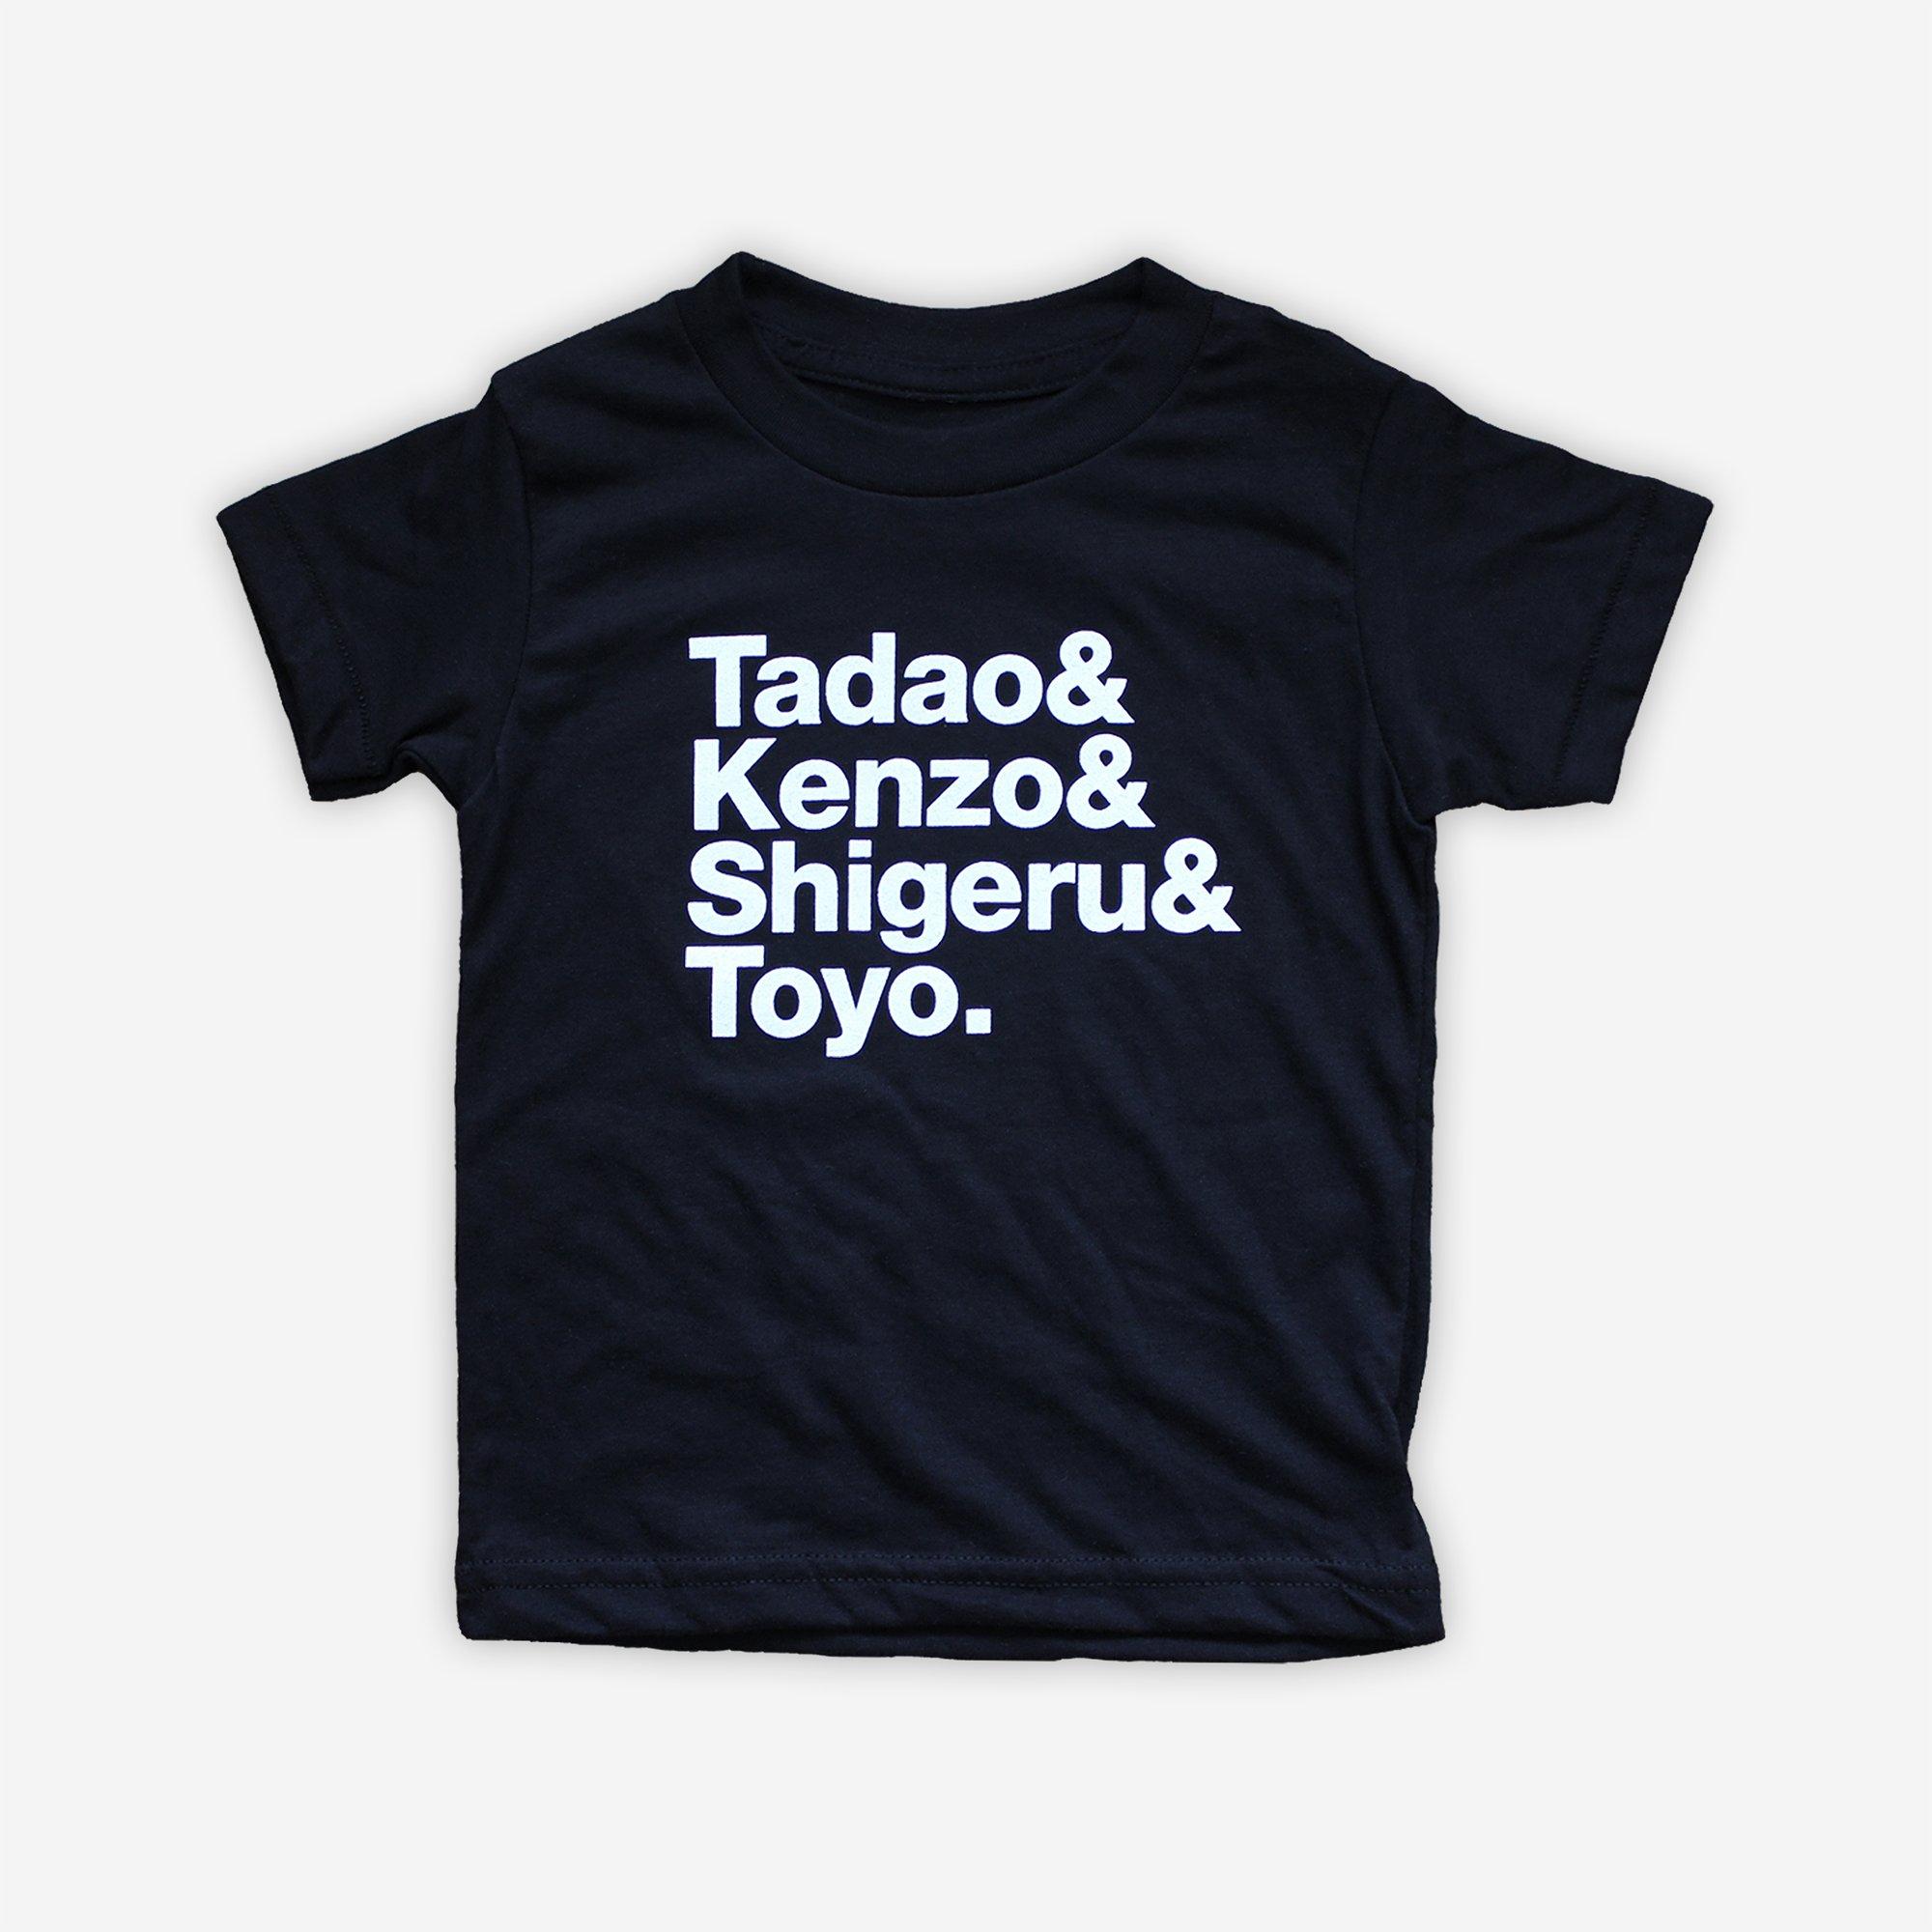 Image of Tadao & Kenzo & Shigeru & Toyo. - tee